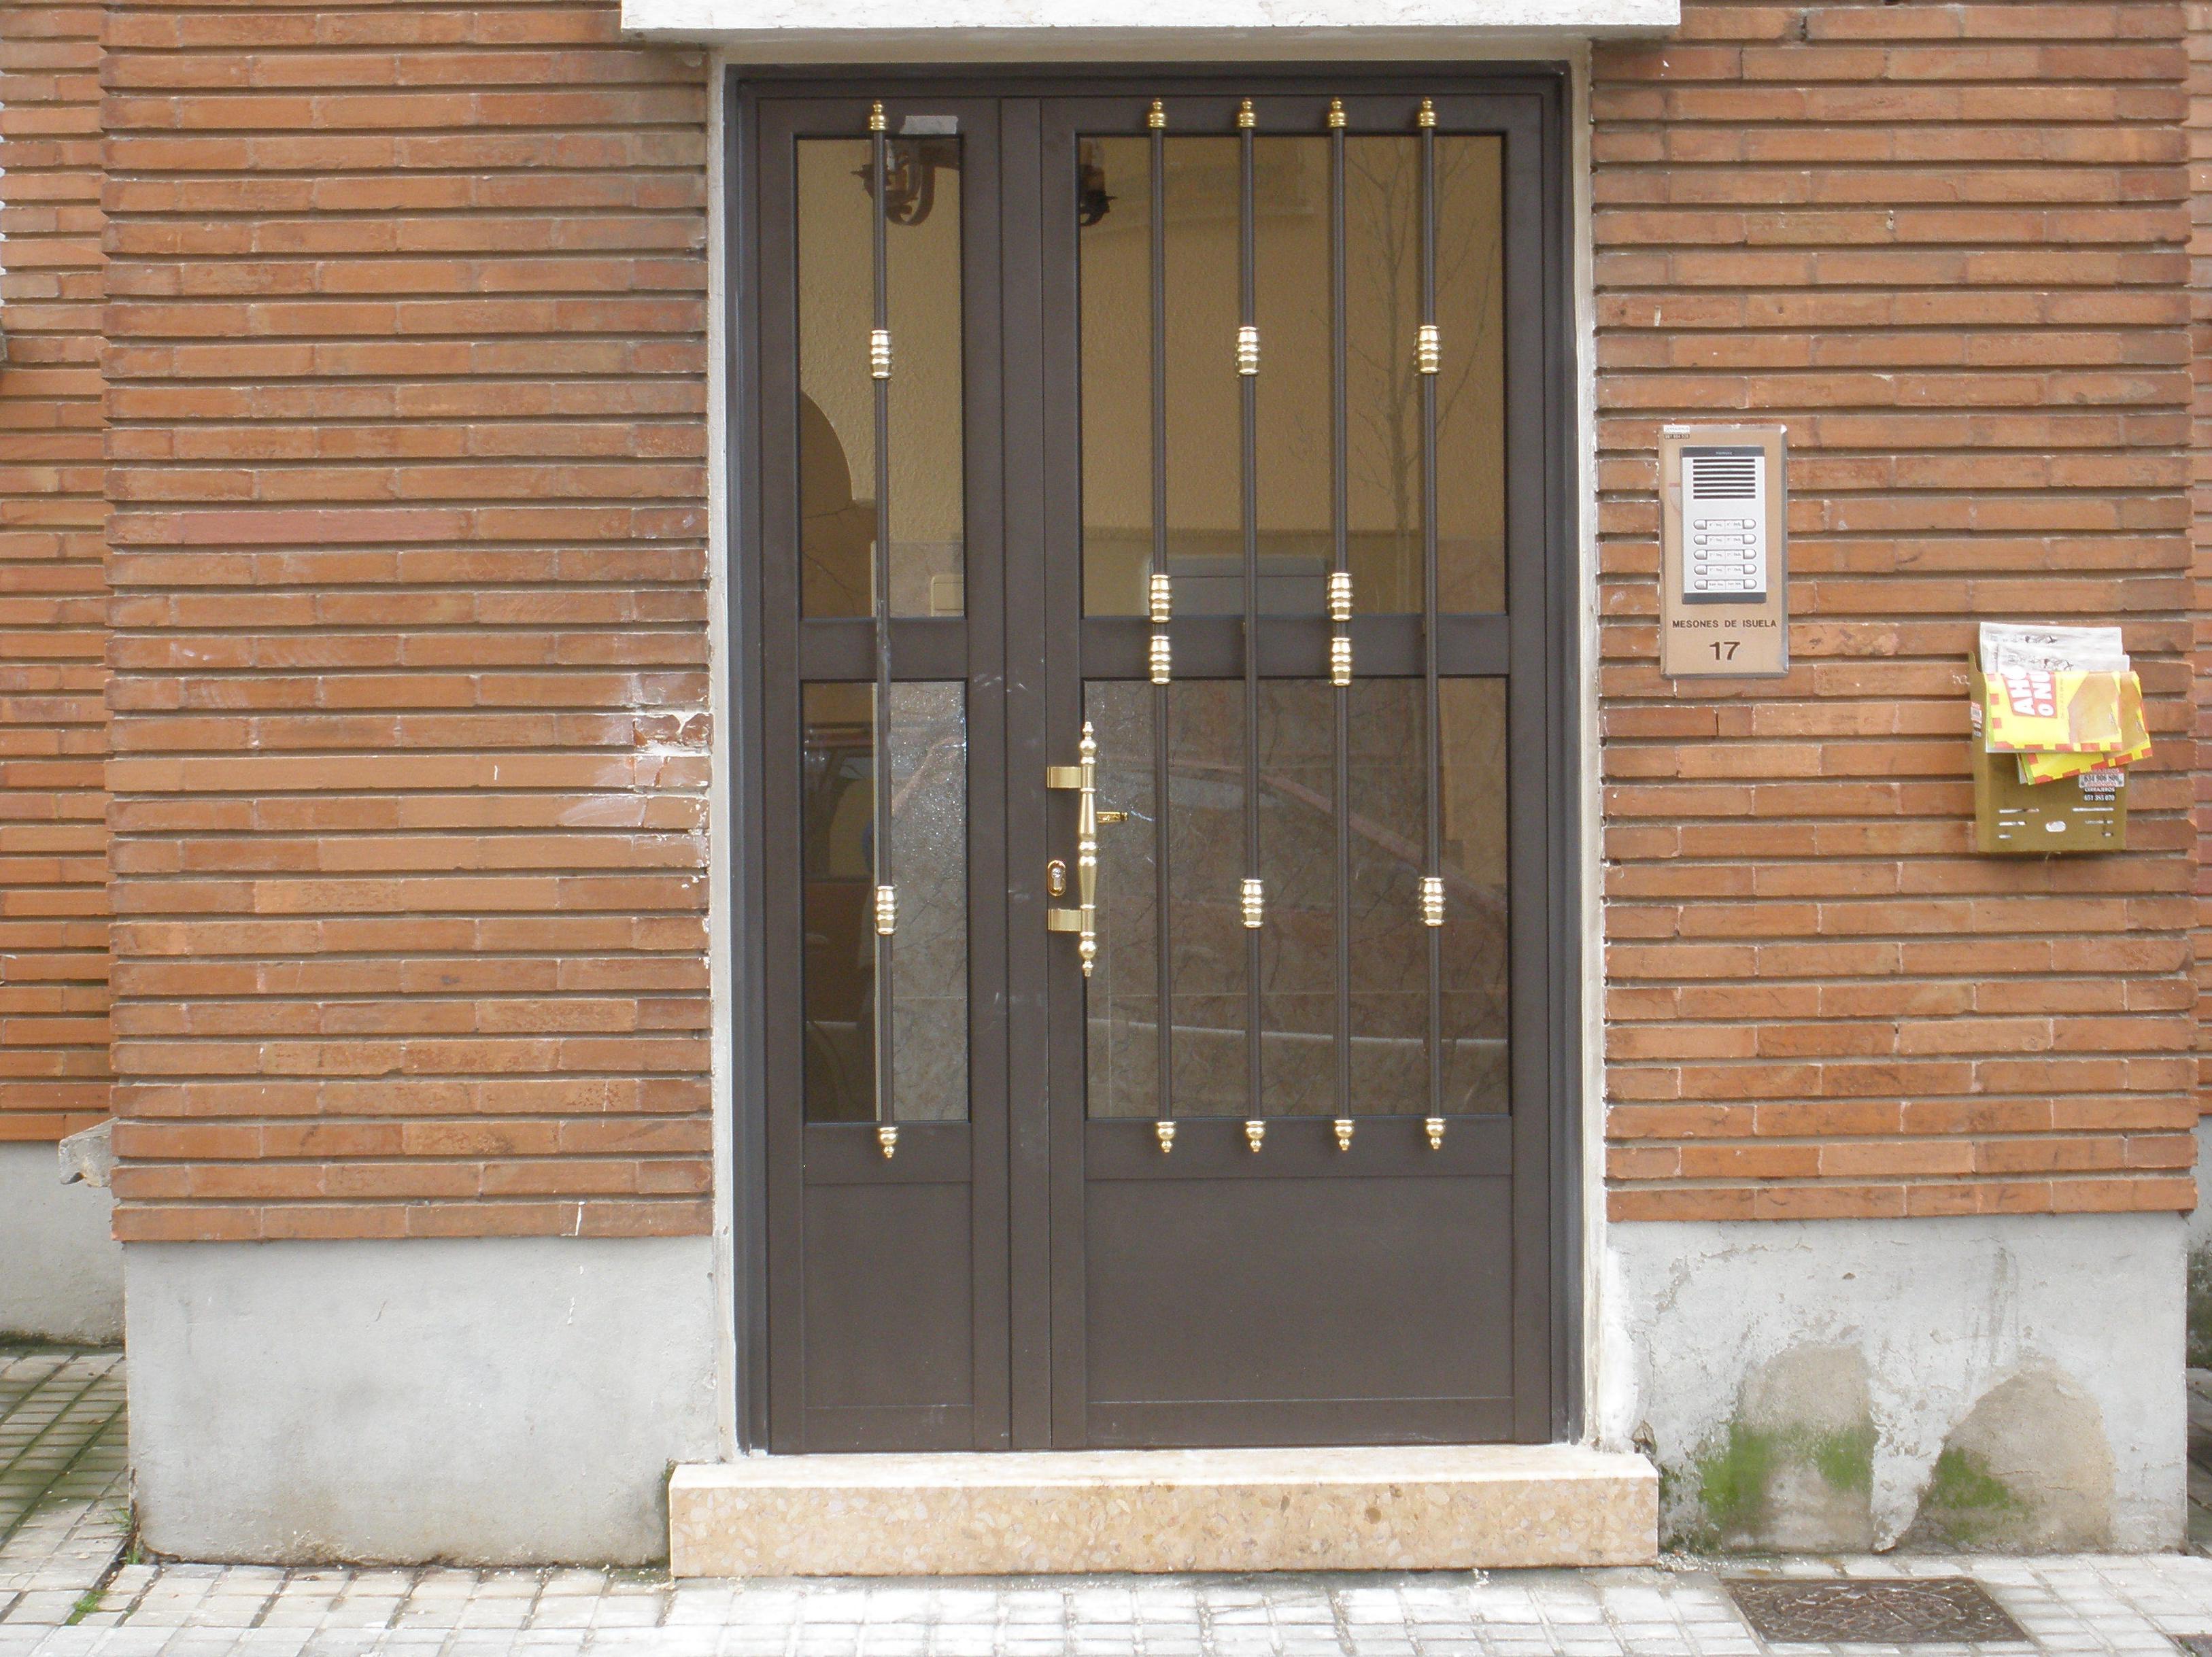 Aluminios Paules - Carpintería de aluminio, metálica y PVC - Zaragoza